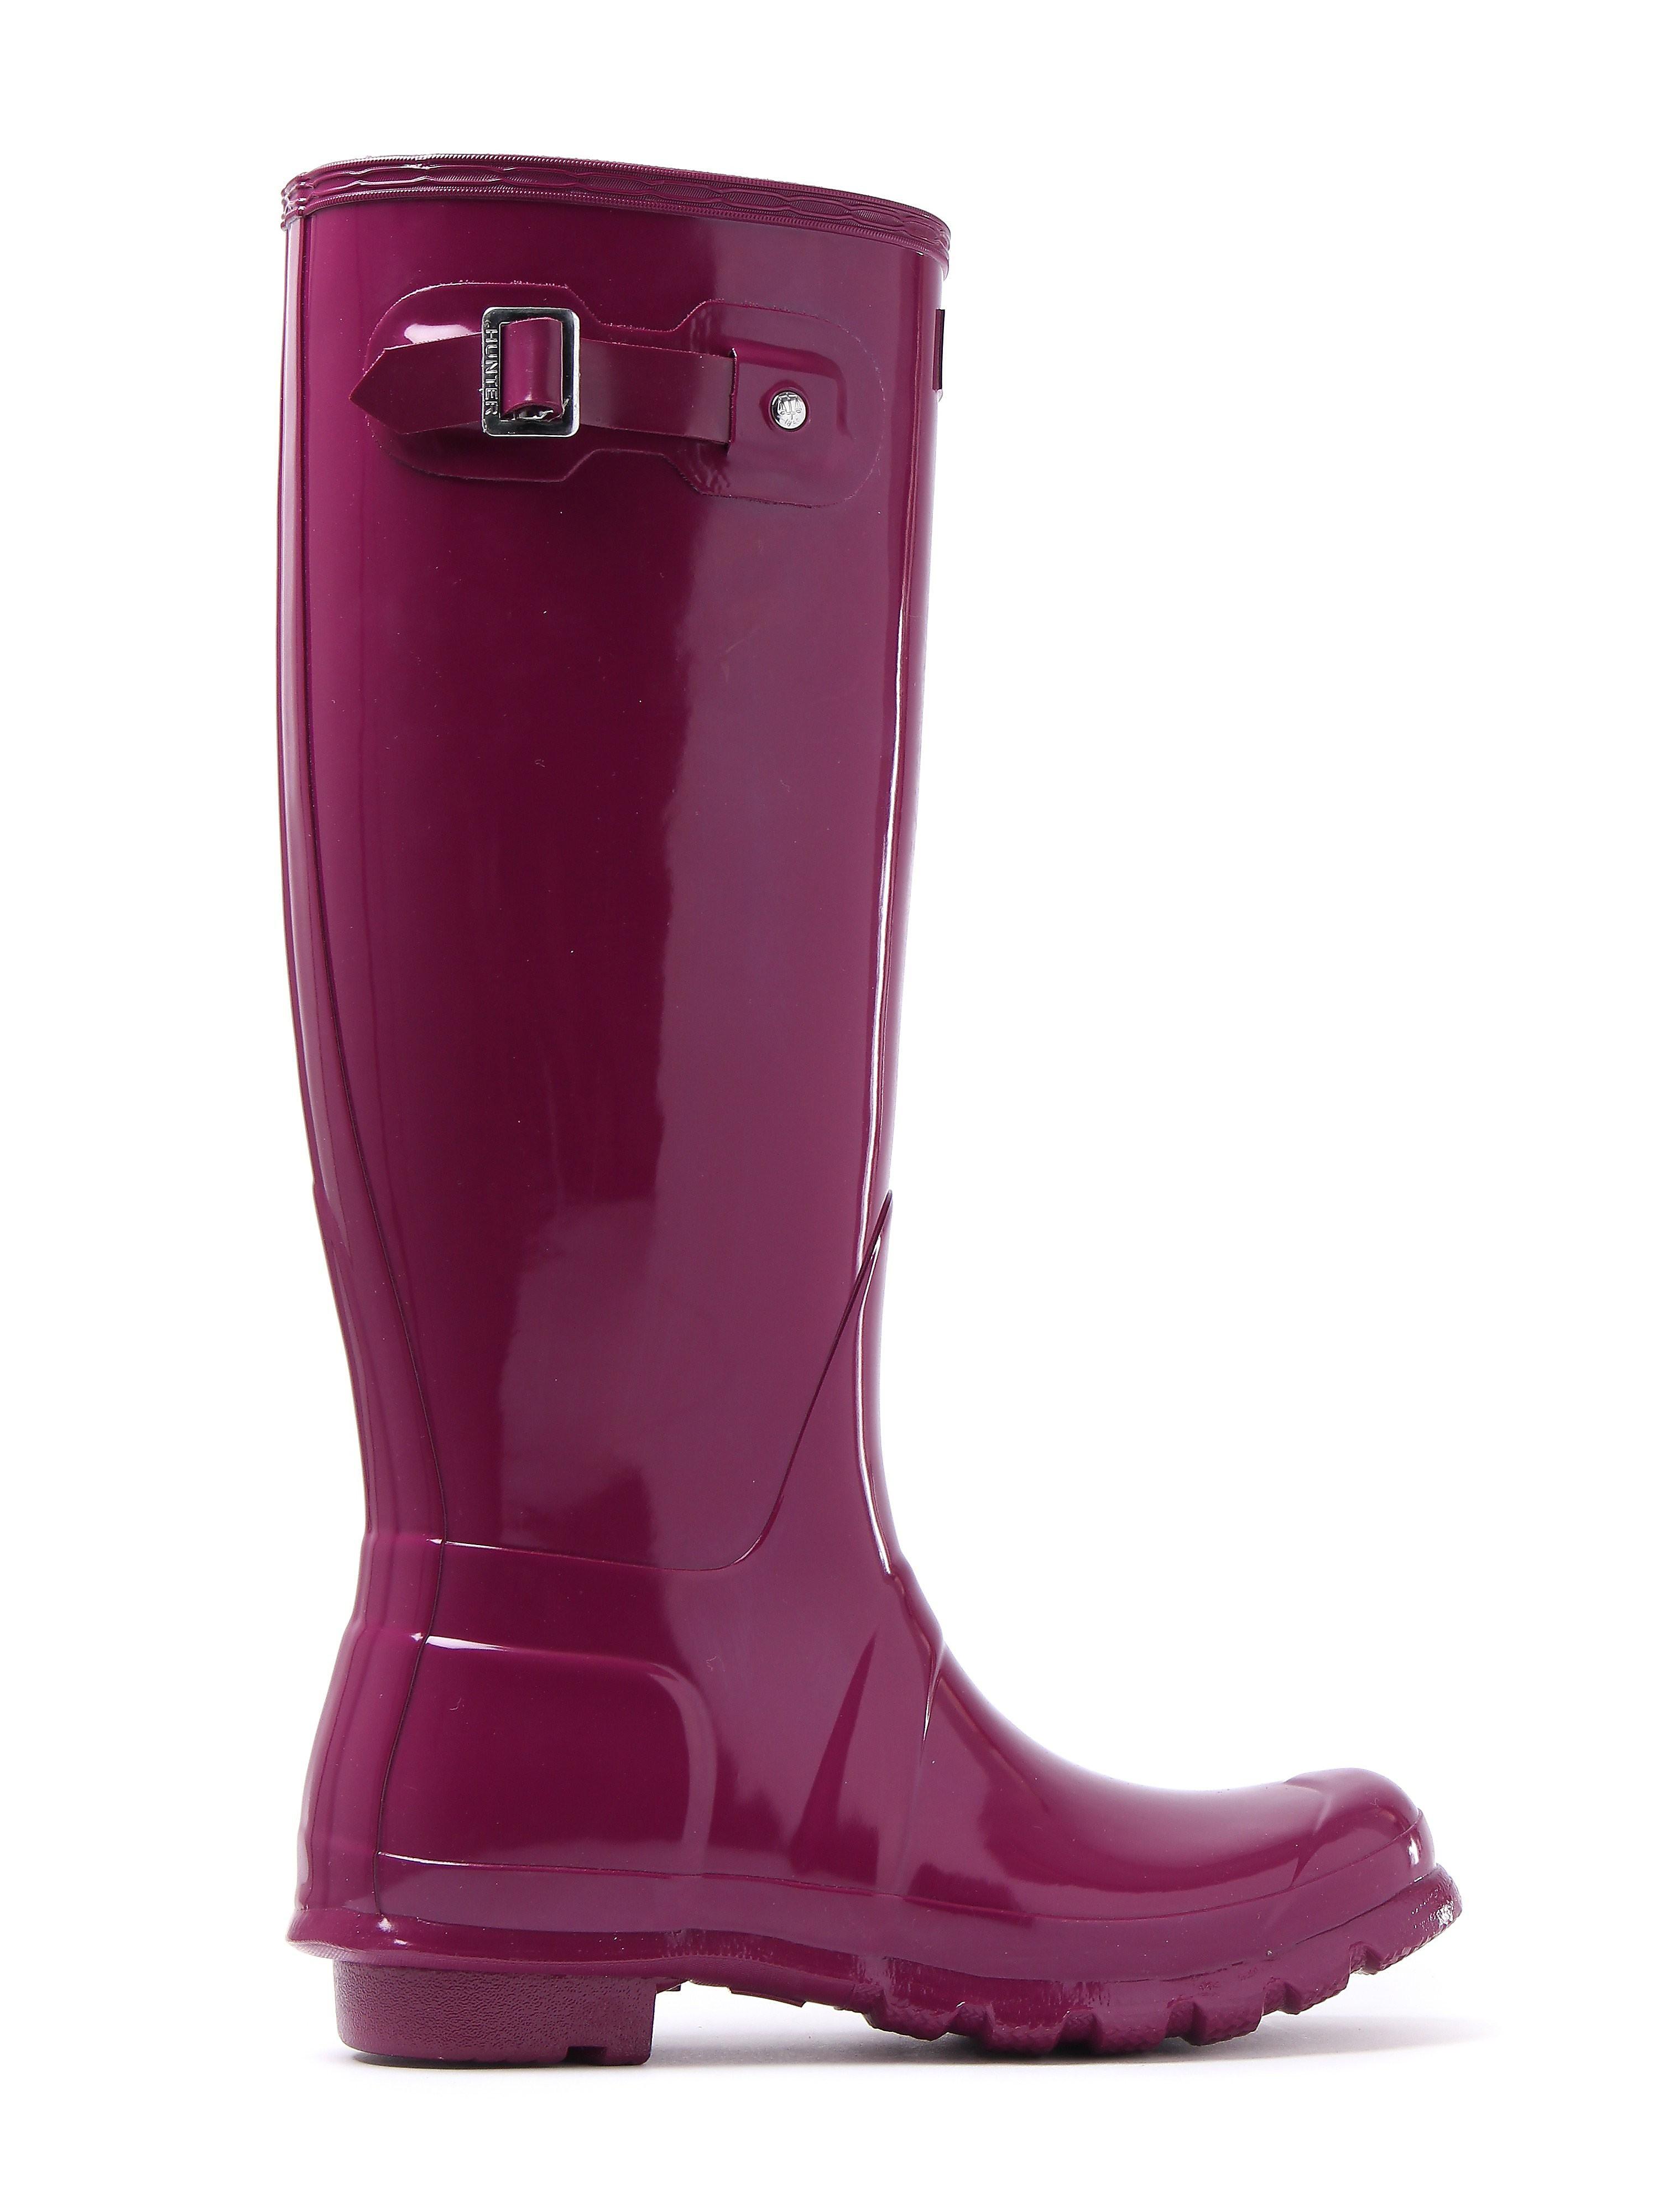 Hunter Wellies Women's Original Tall Wellington Boots - Violet Gloss